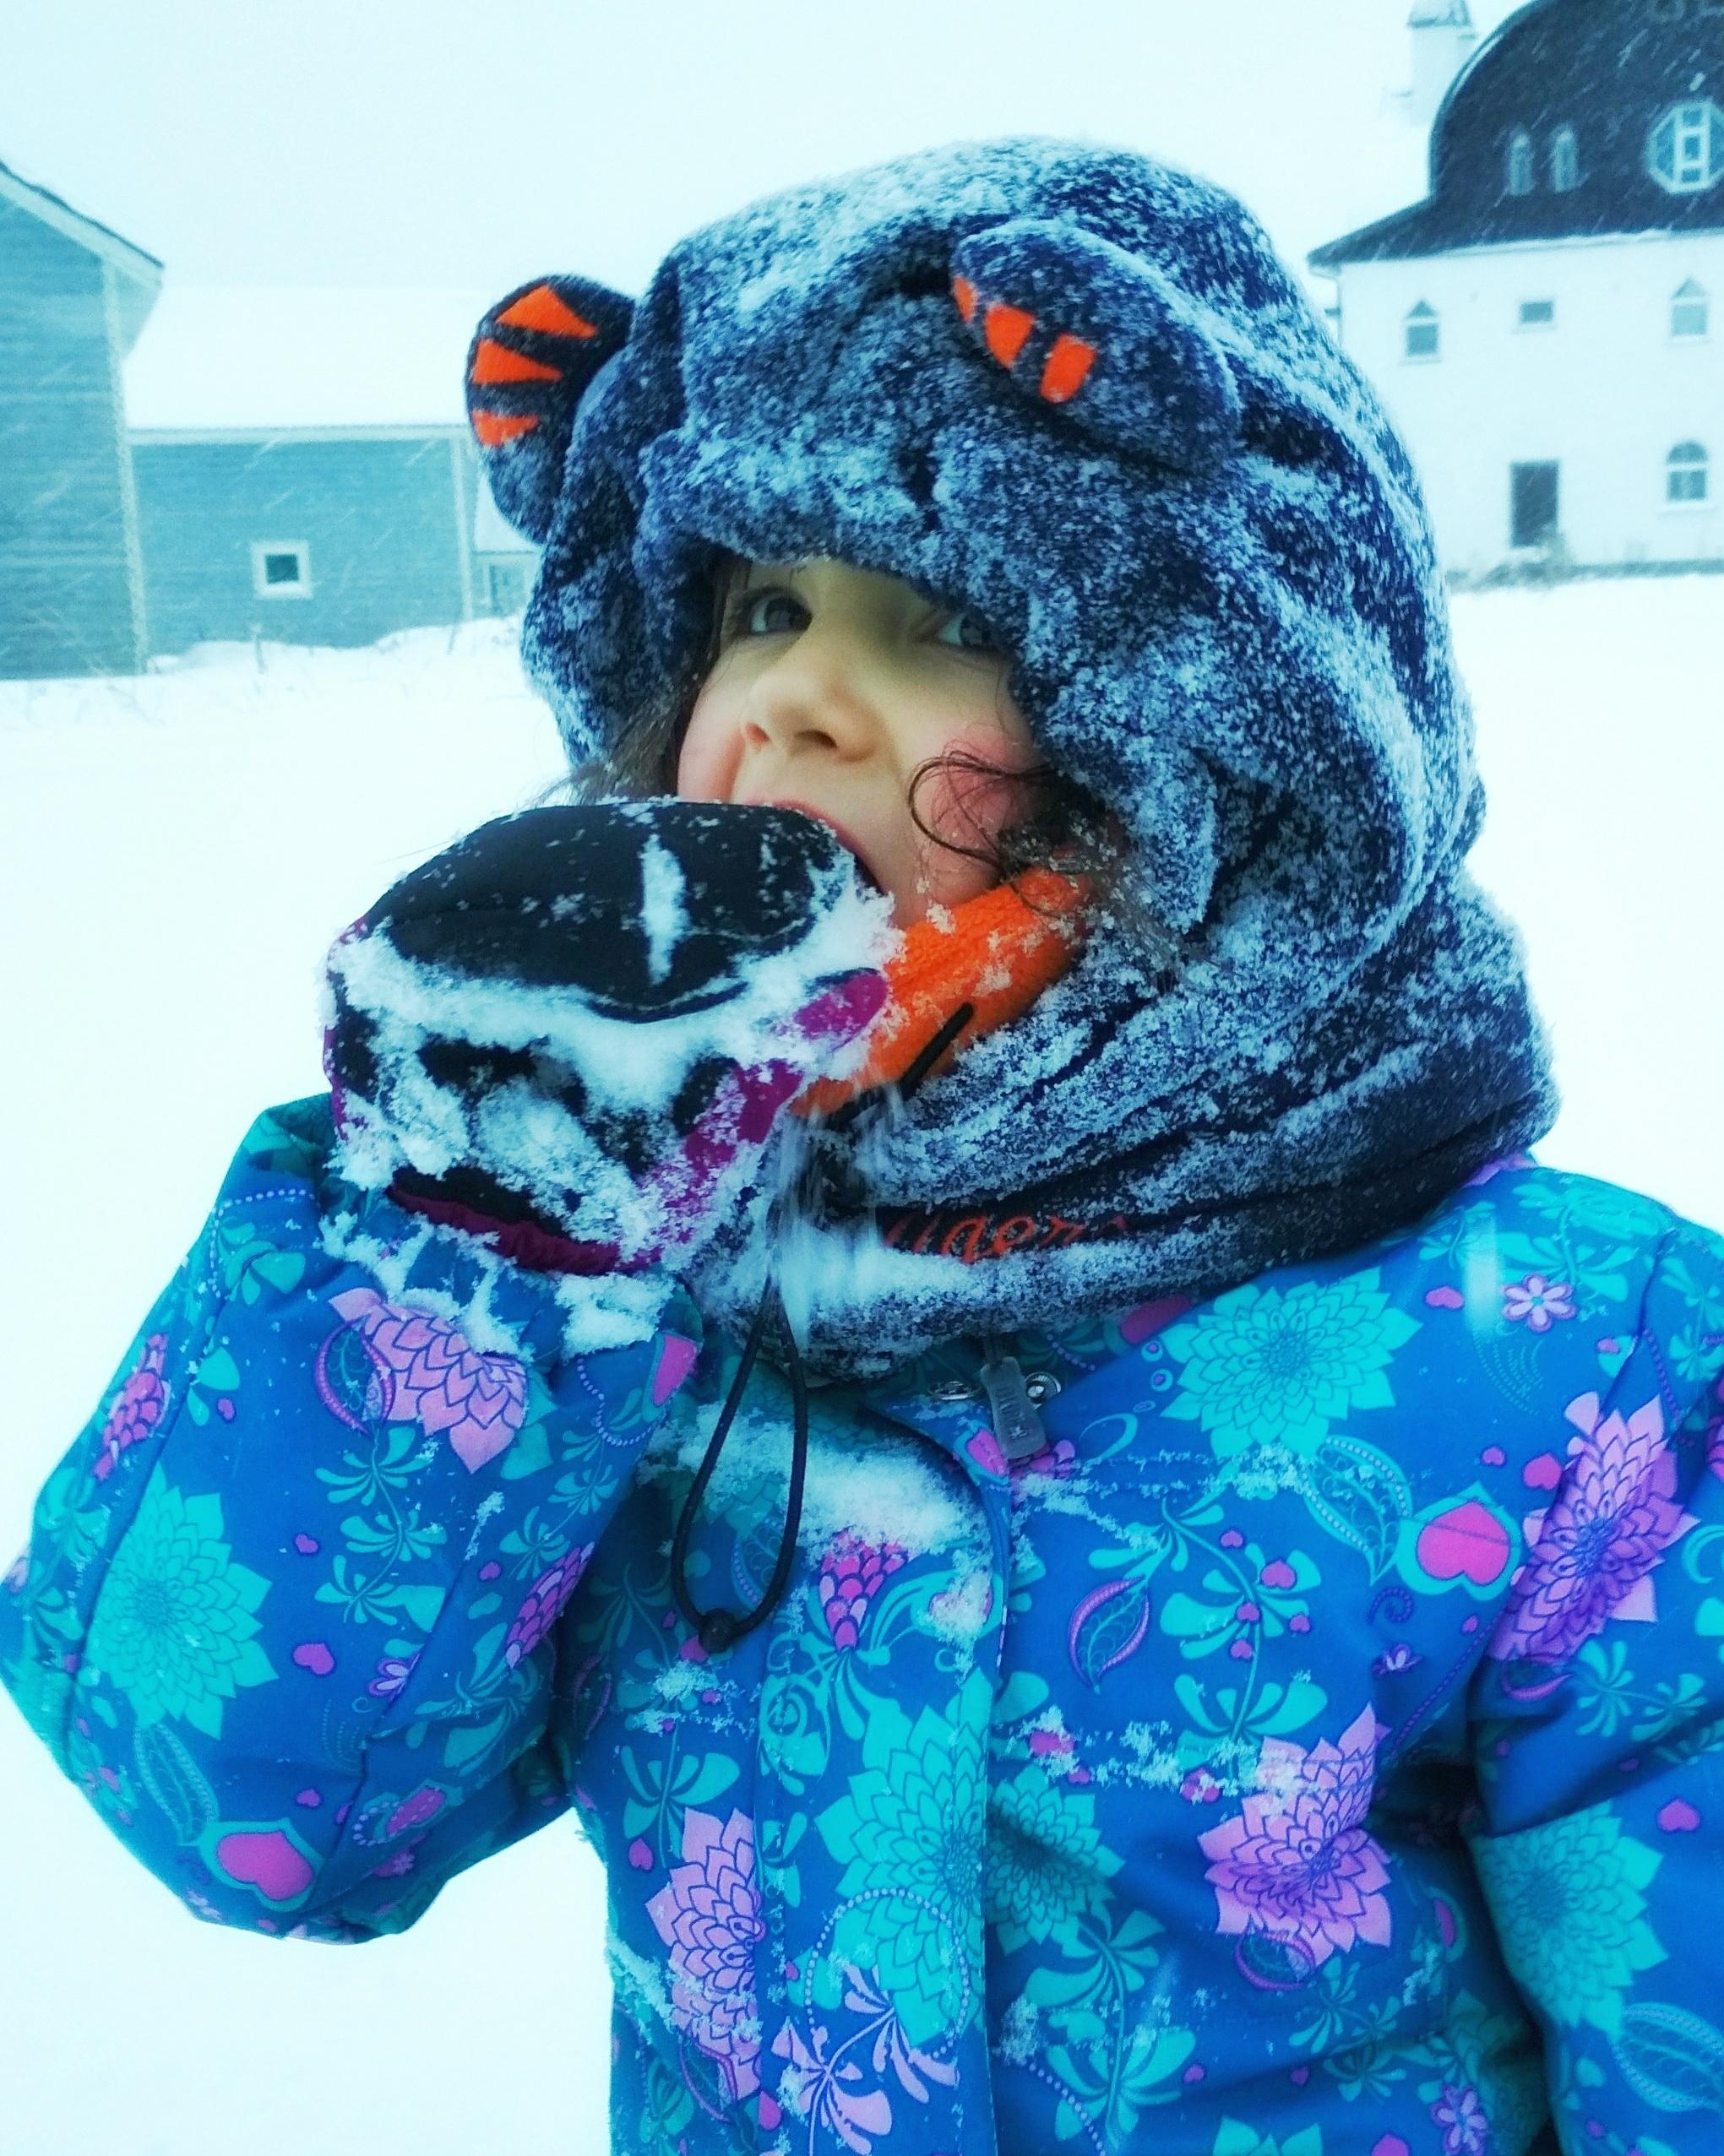 Вкусный снежок. Зимний образ